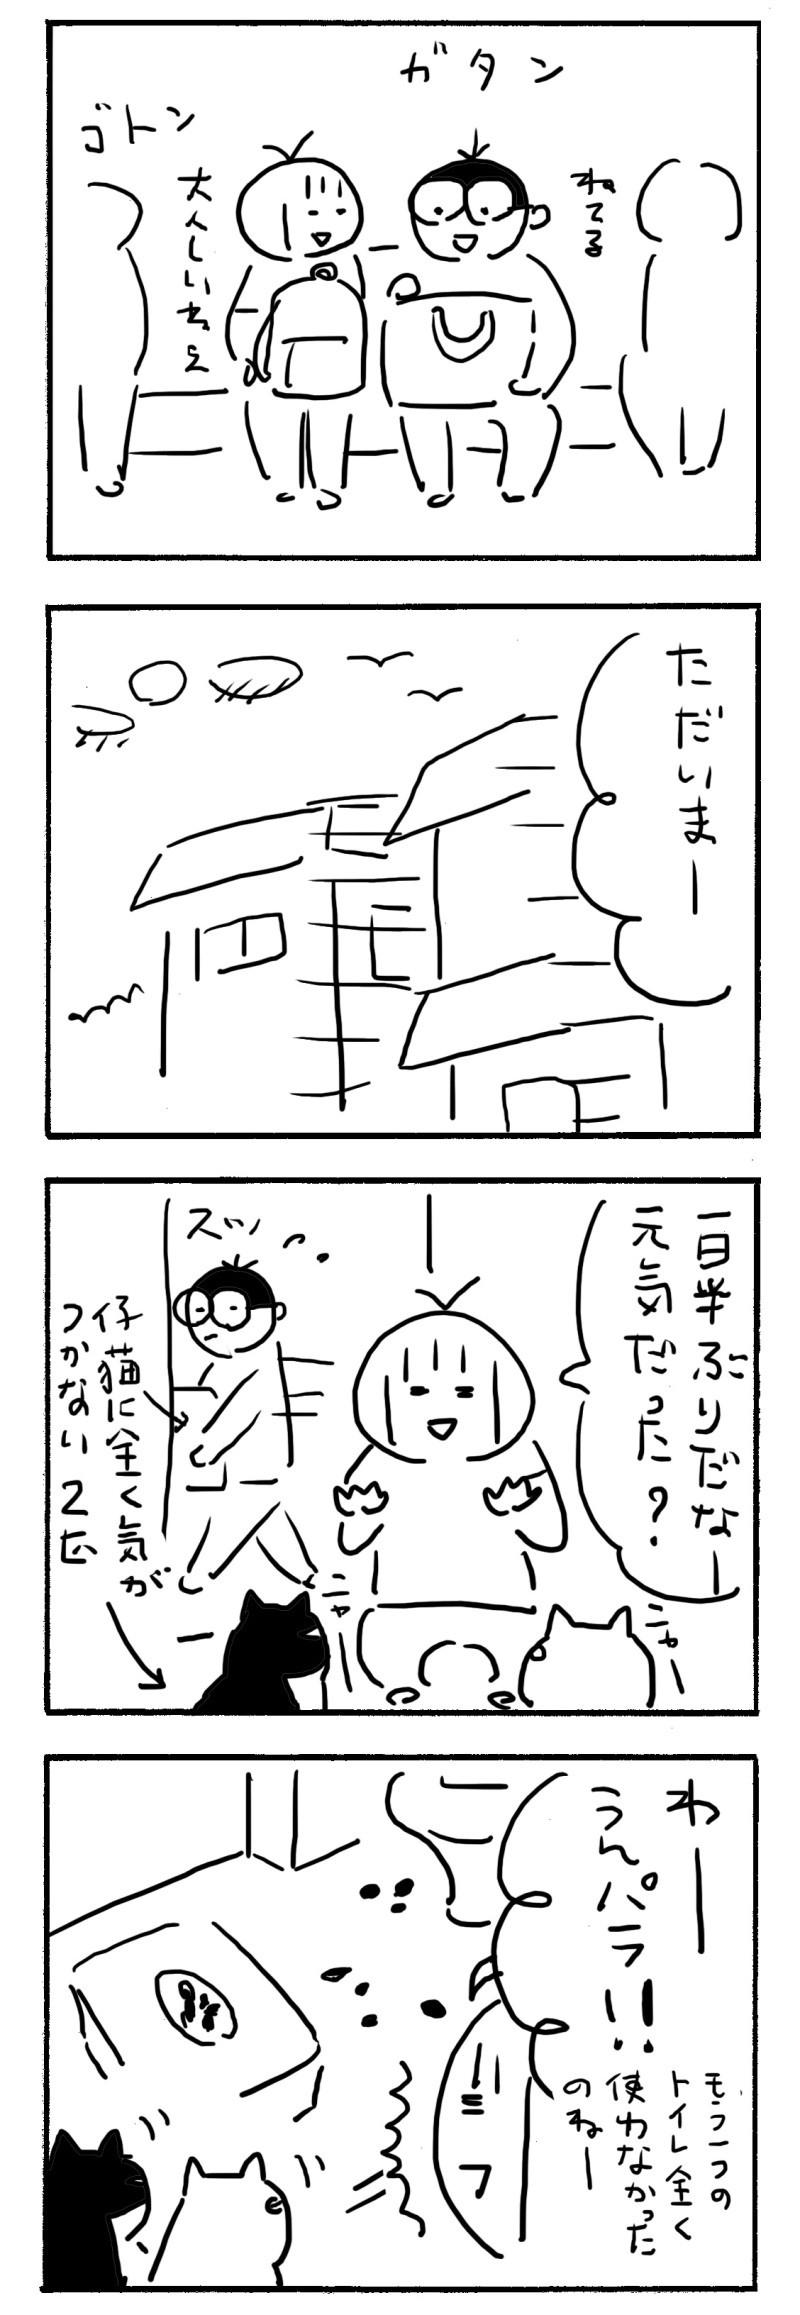 01dd539c.jpg